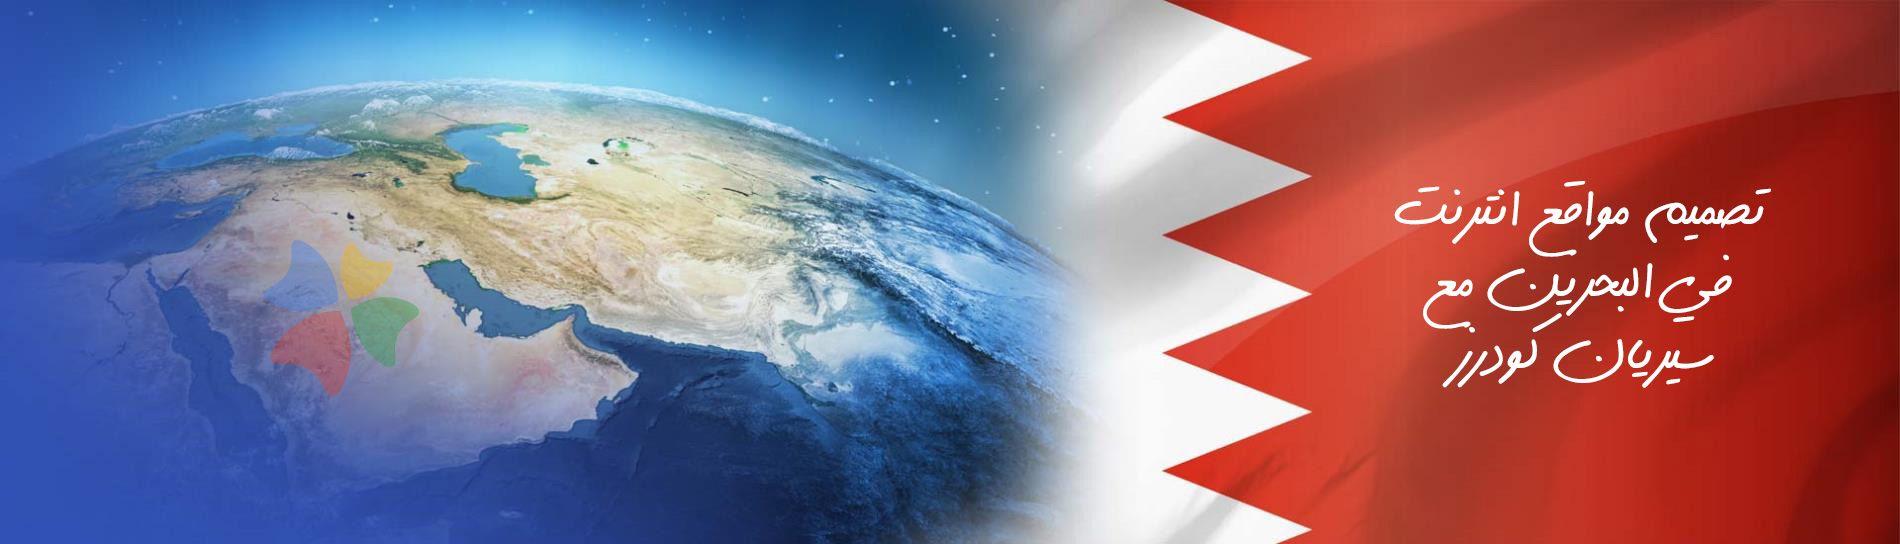 شركة تصميم مواقع انترنت في البحرين المنامة